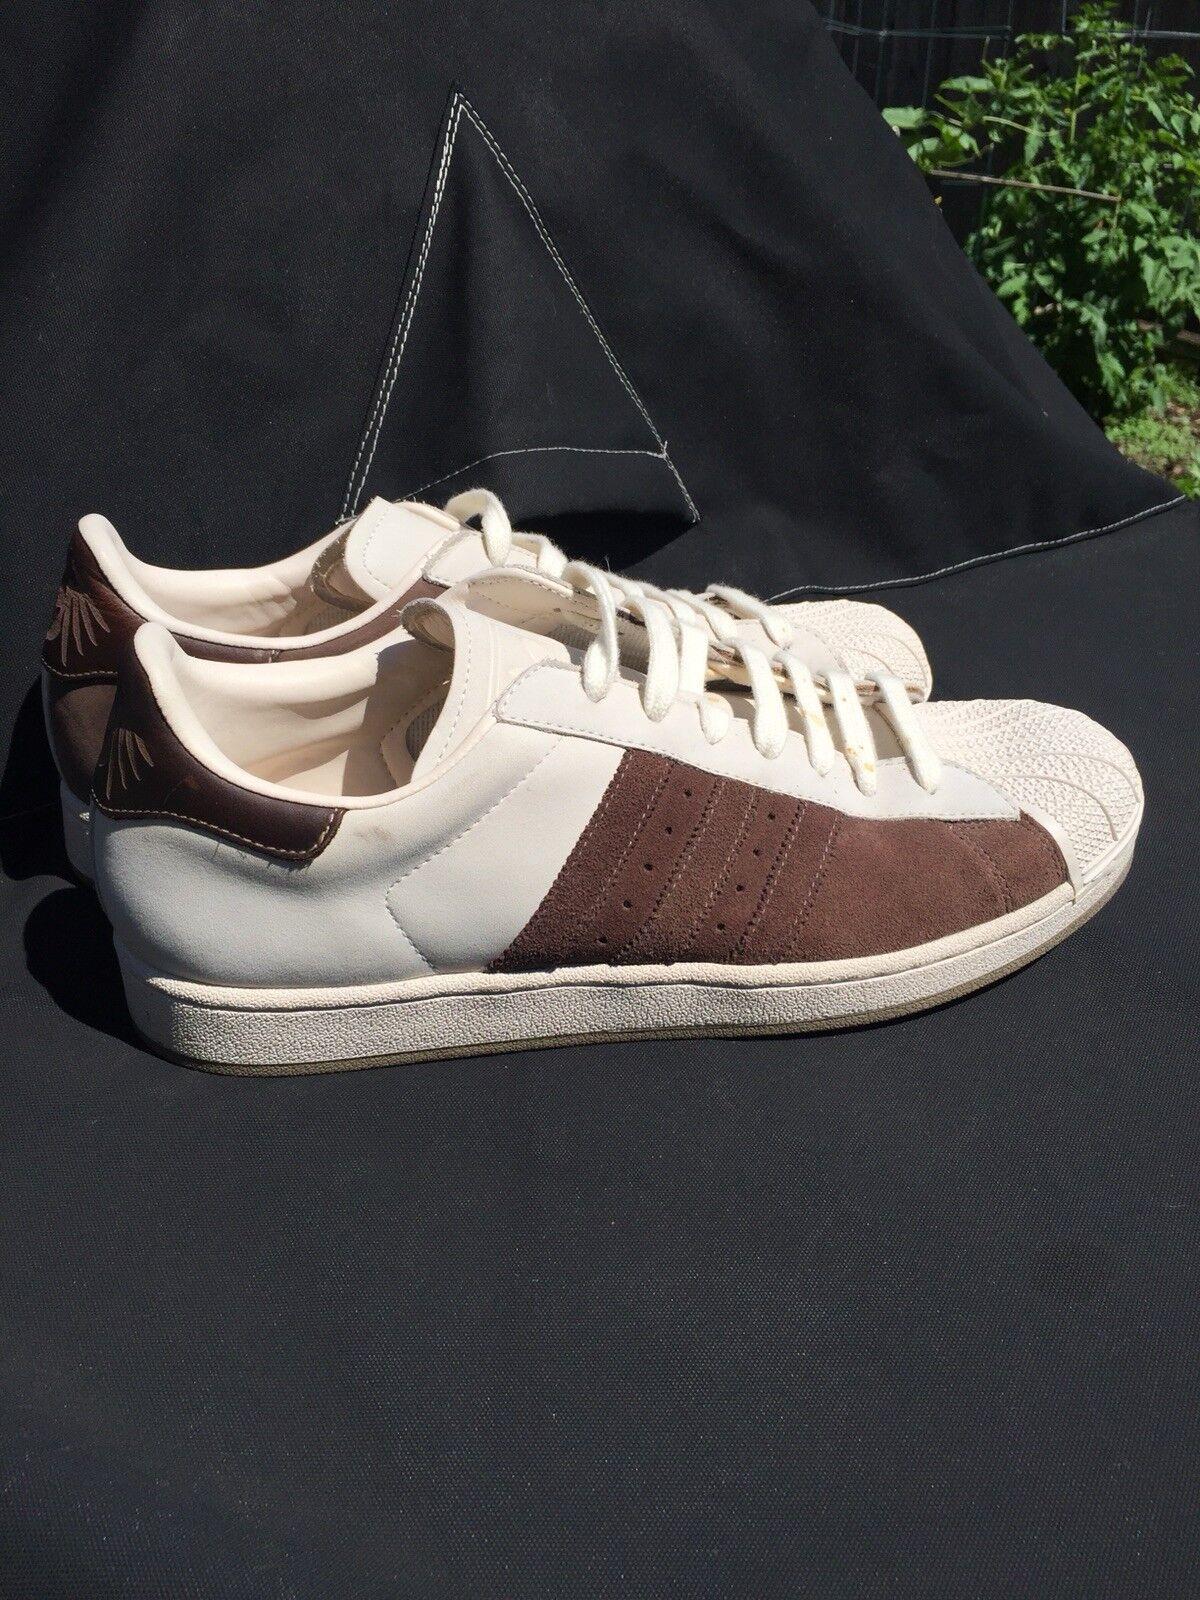 Zapatillas de deporte Adidas Superstar Clamshell para hombre Sz 12 de ante marrón